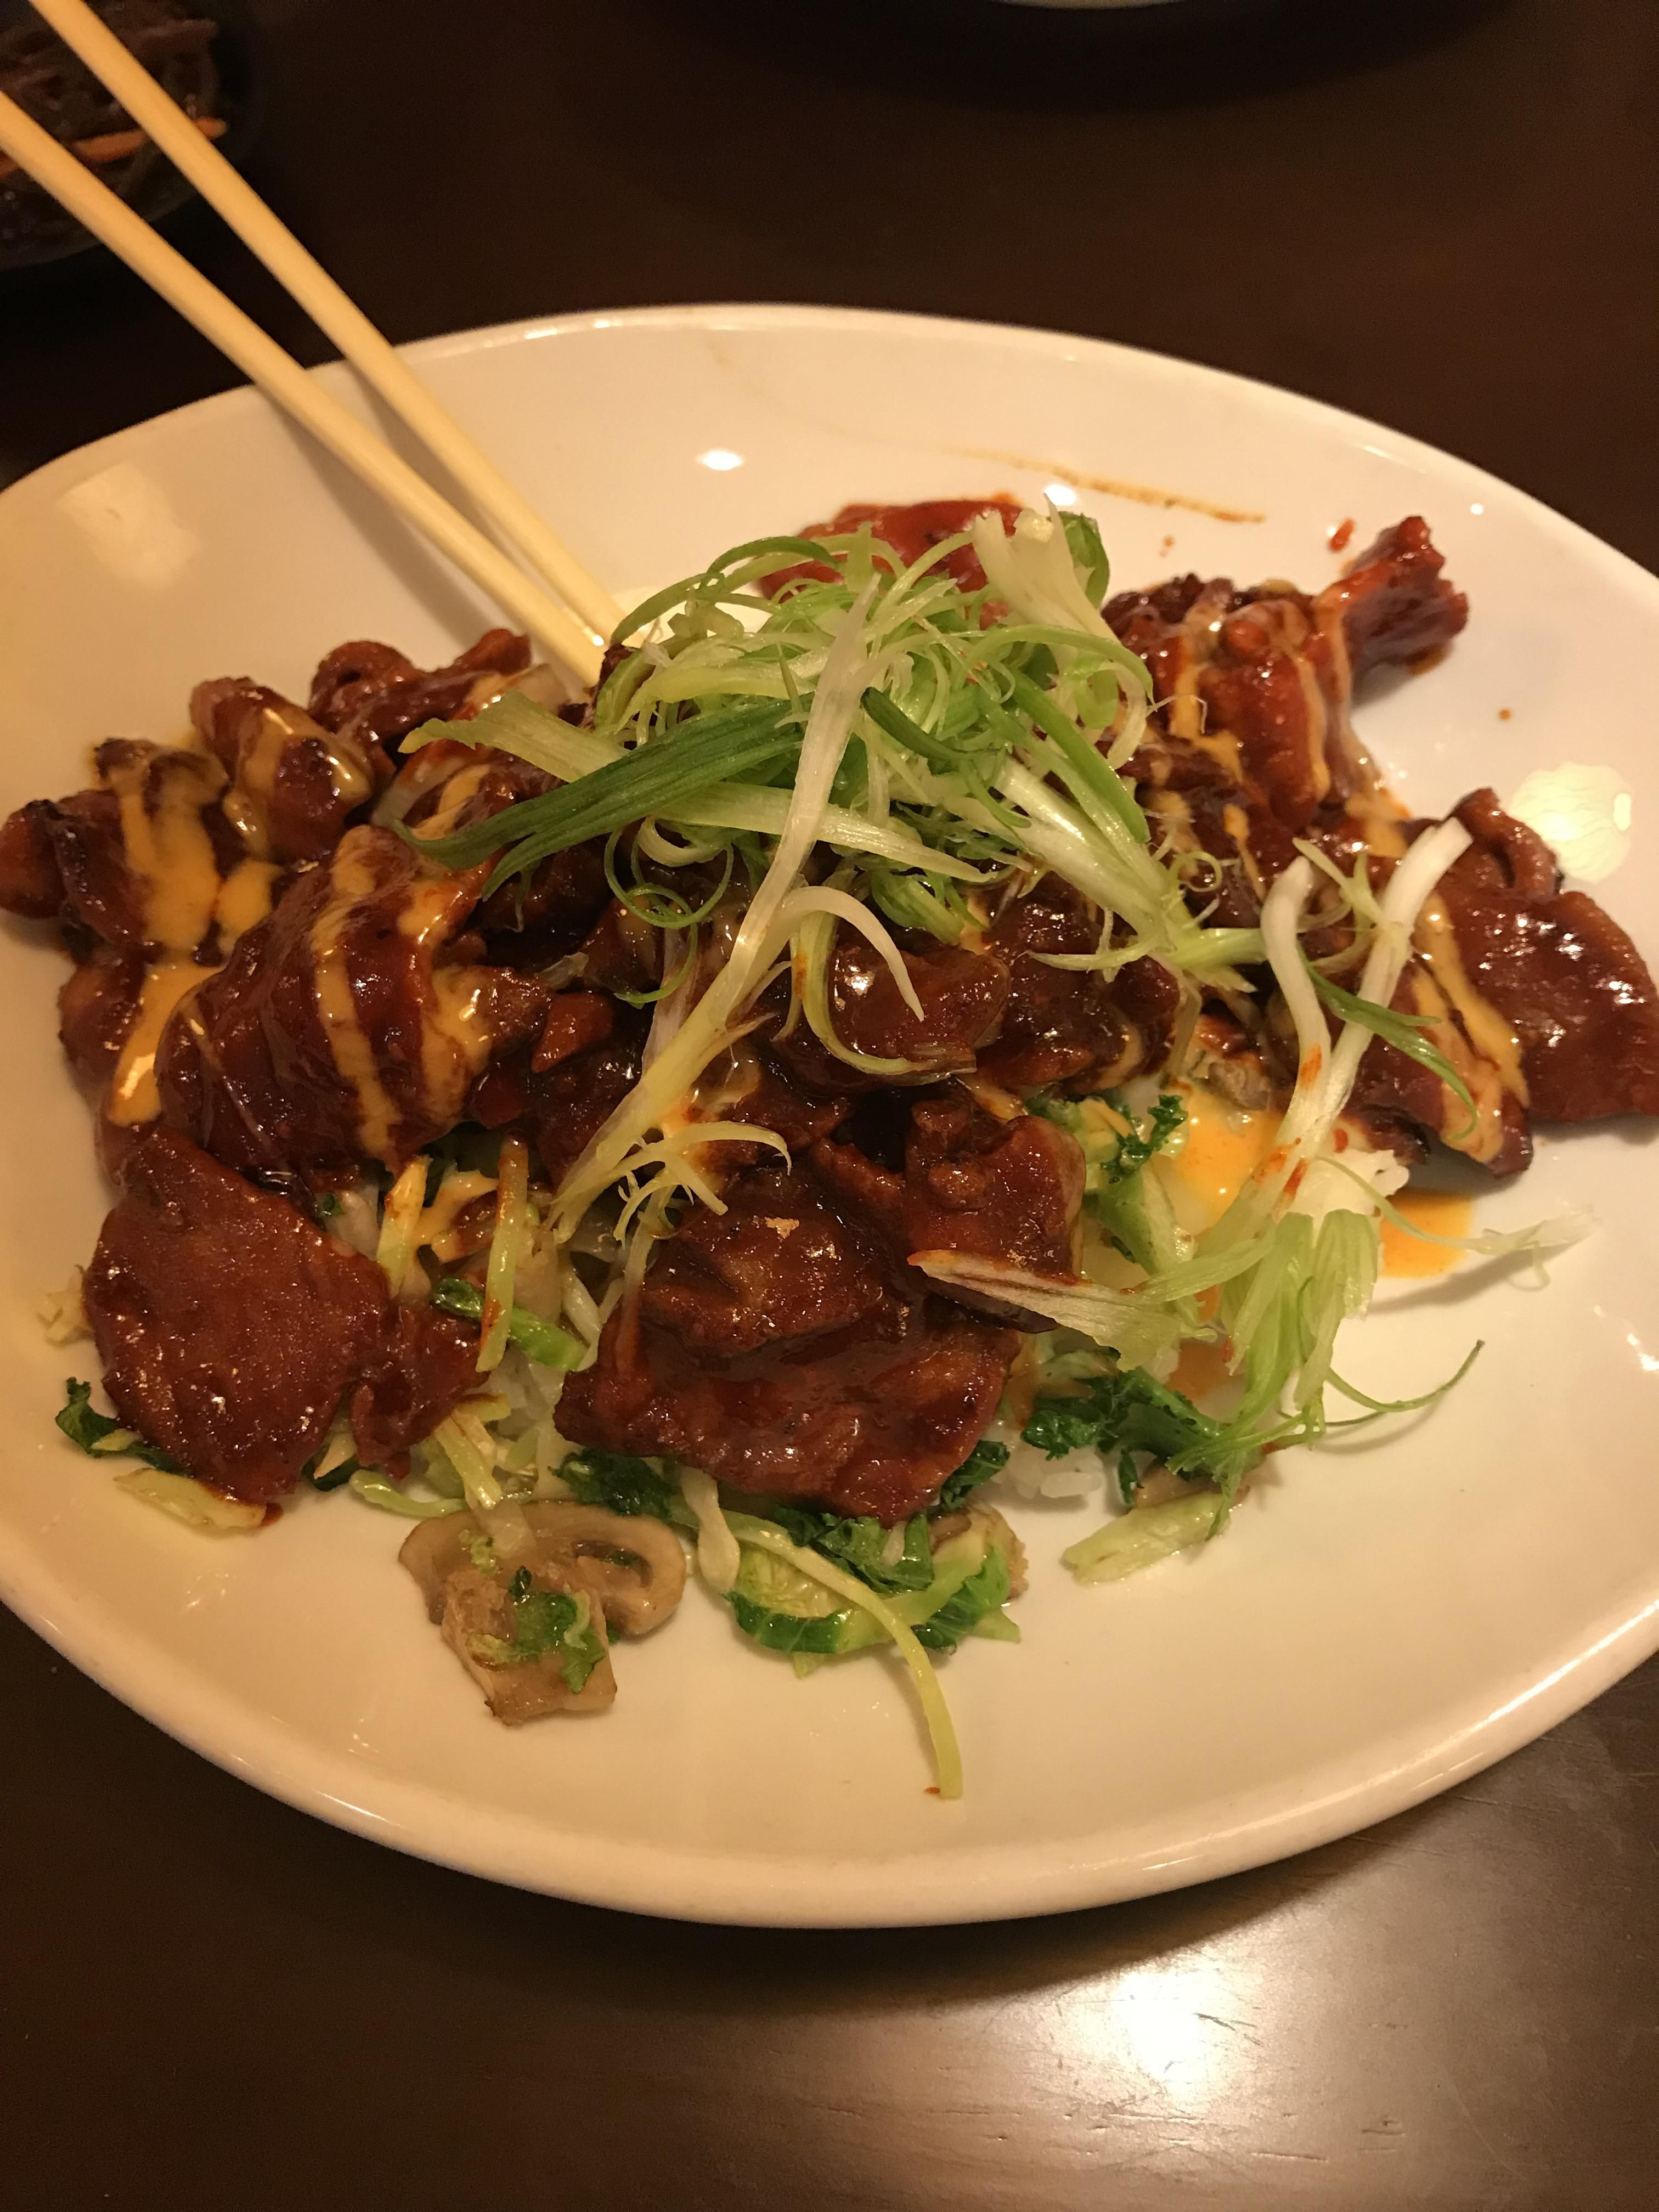 I ate pork bulgogi bowl food recipes food recipes meals i ate pork bulgogi bowl food recipes forumfinder Choice Image